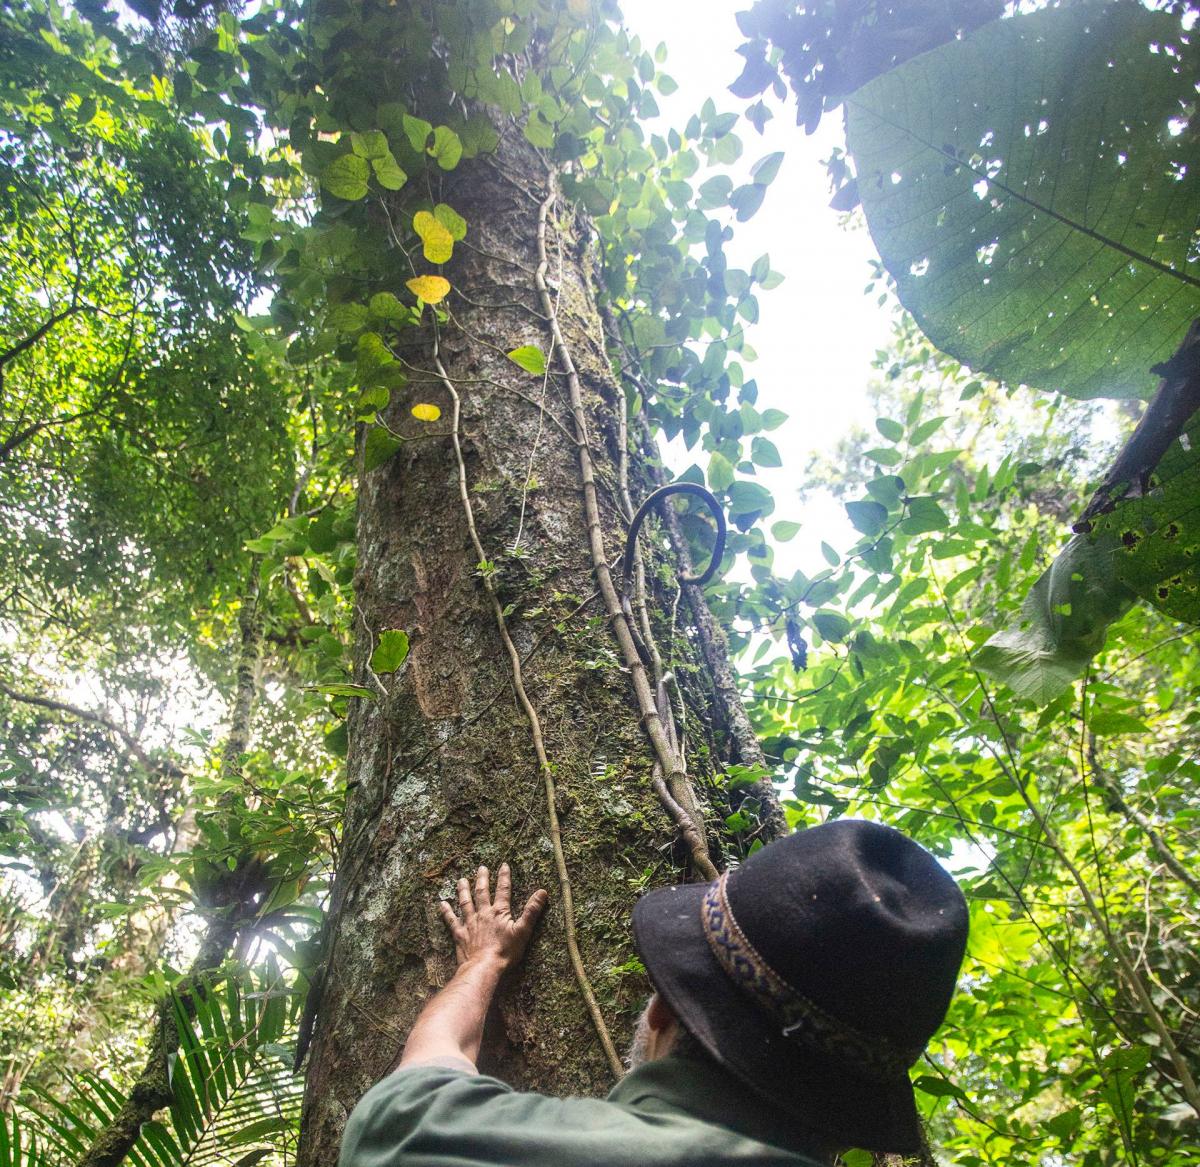 Canela-preta com mais de 400 anos de vida ganhou o apelido de Dias Velho - Daniel Queiroz/ND